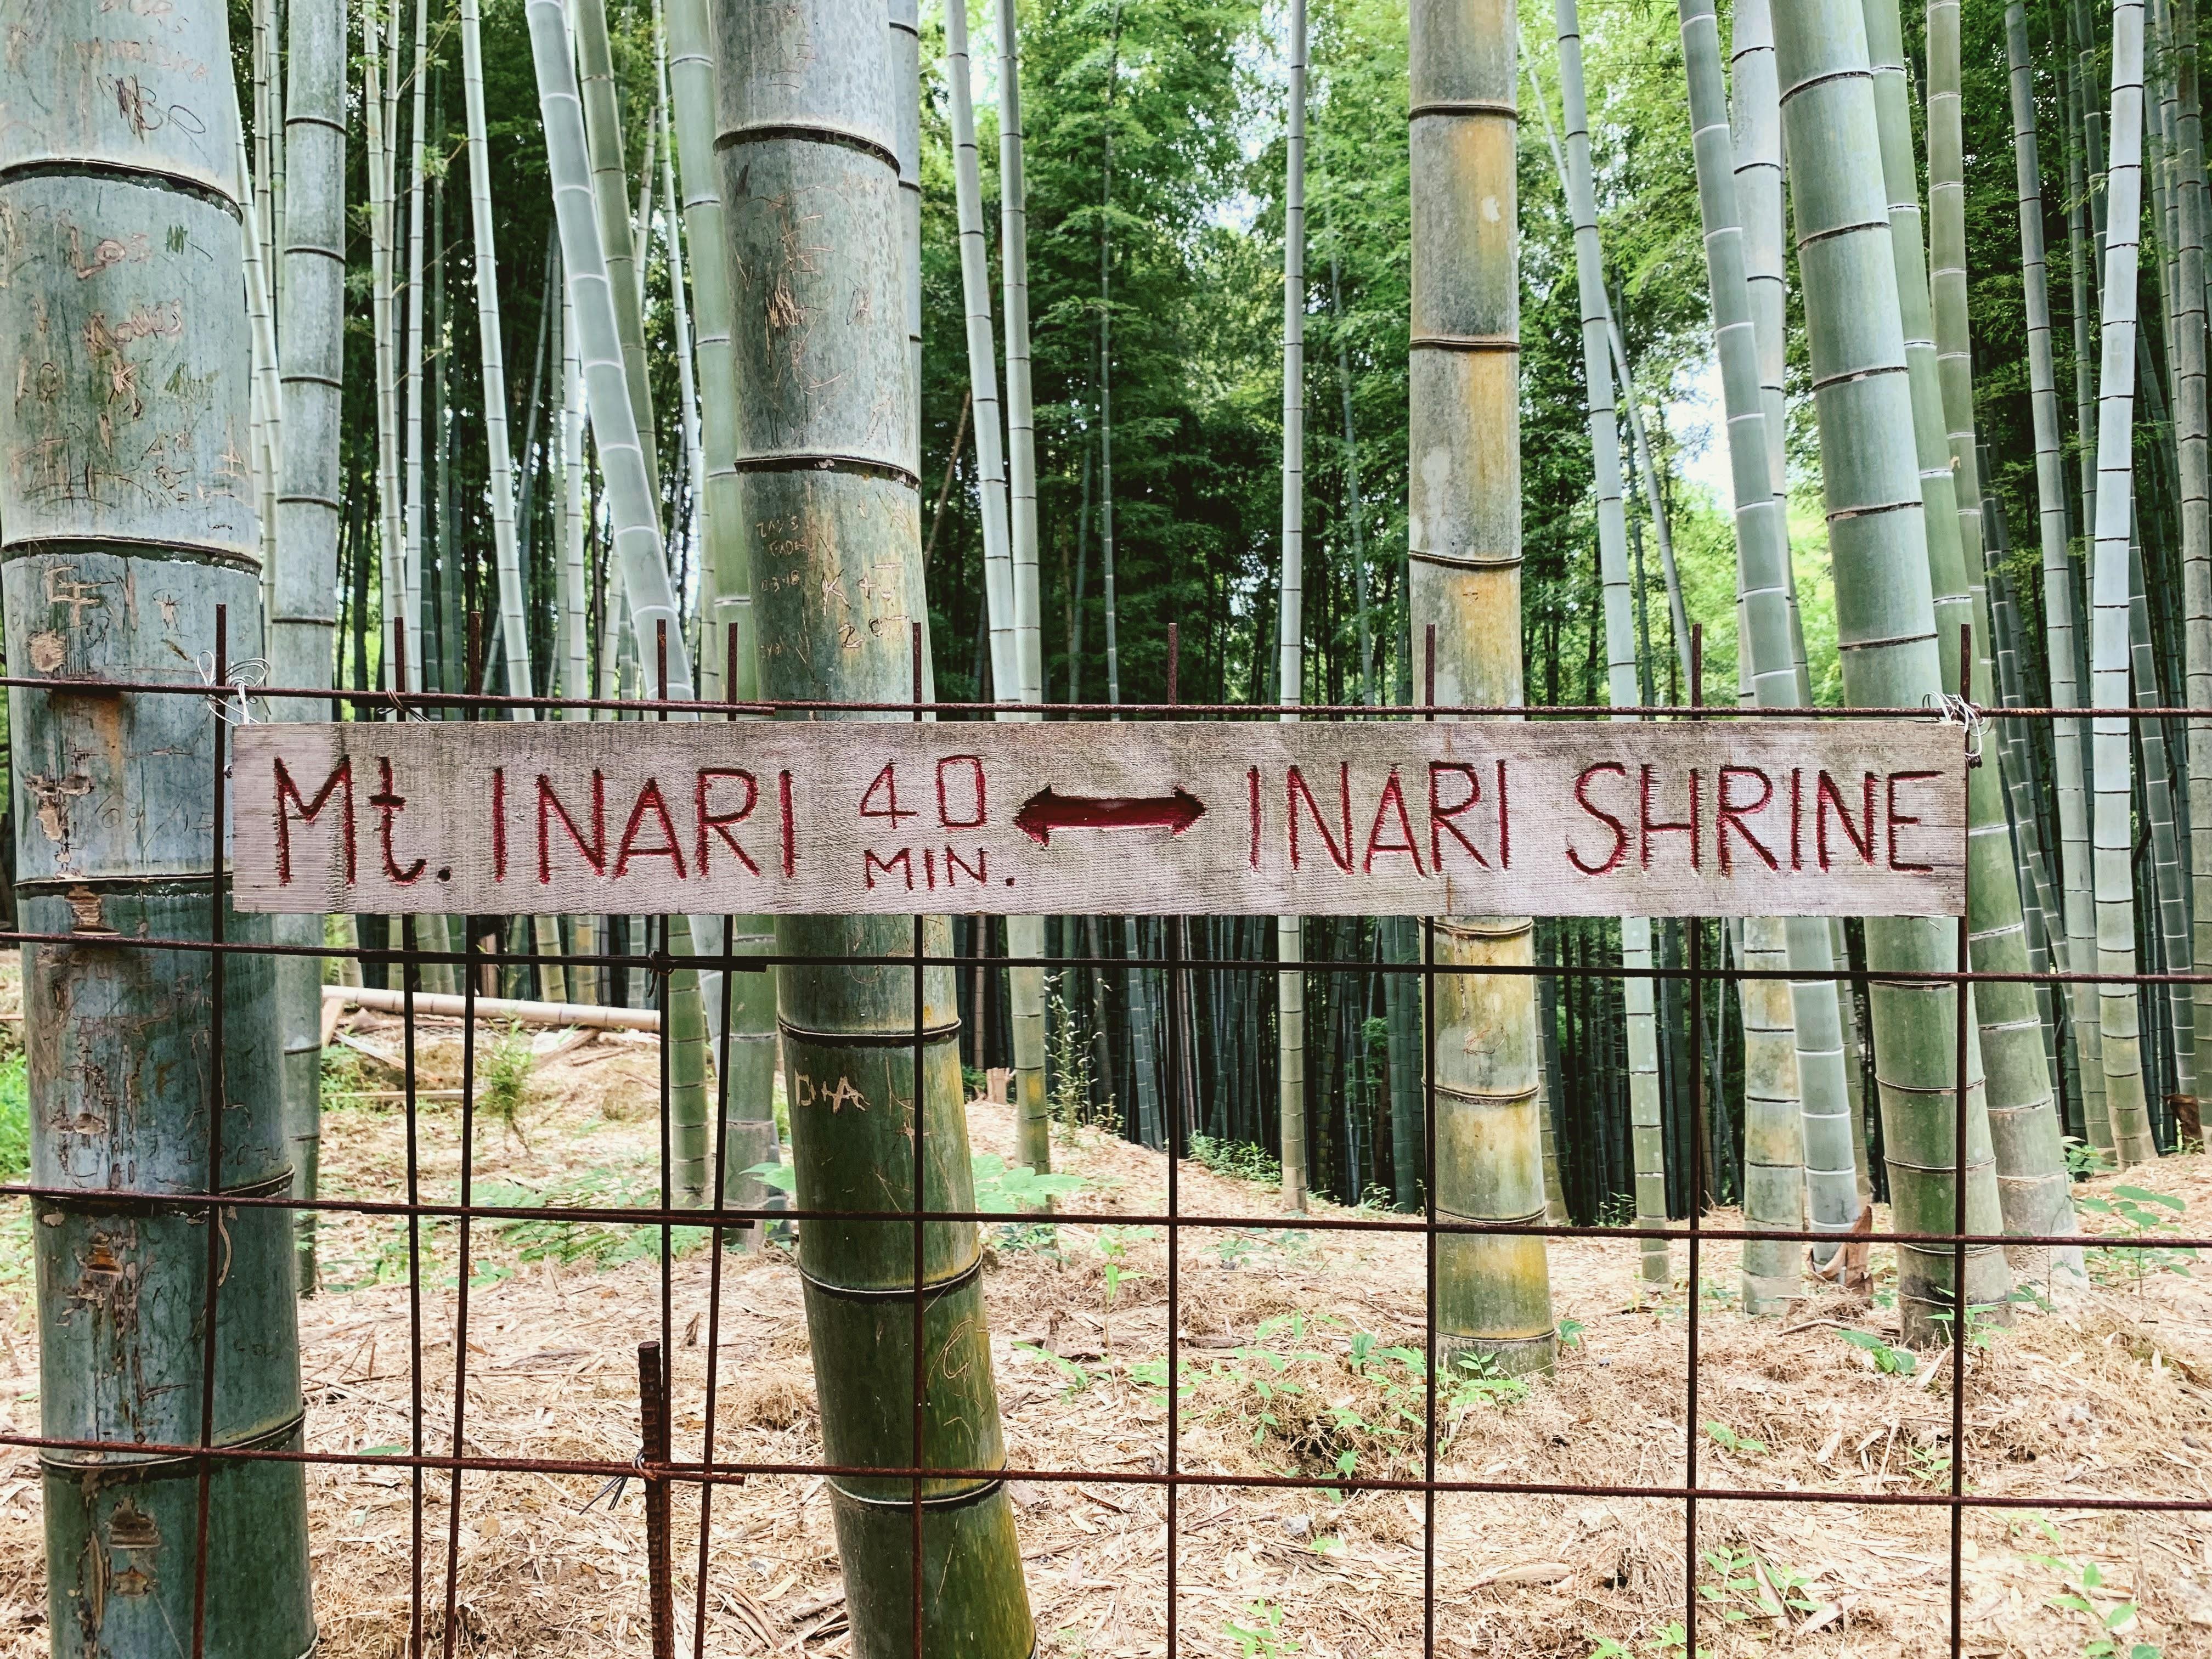 bamboo on the trail to mti nari